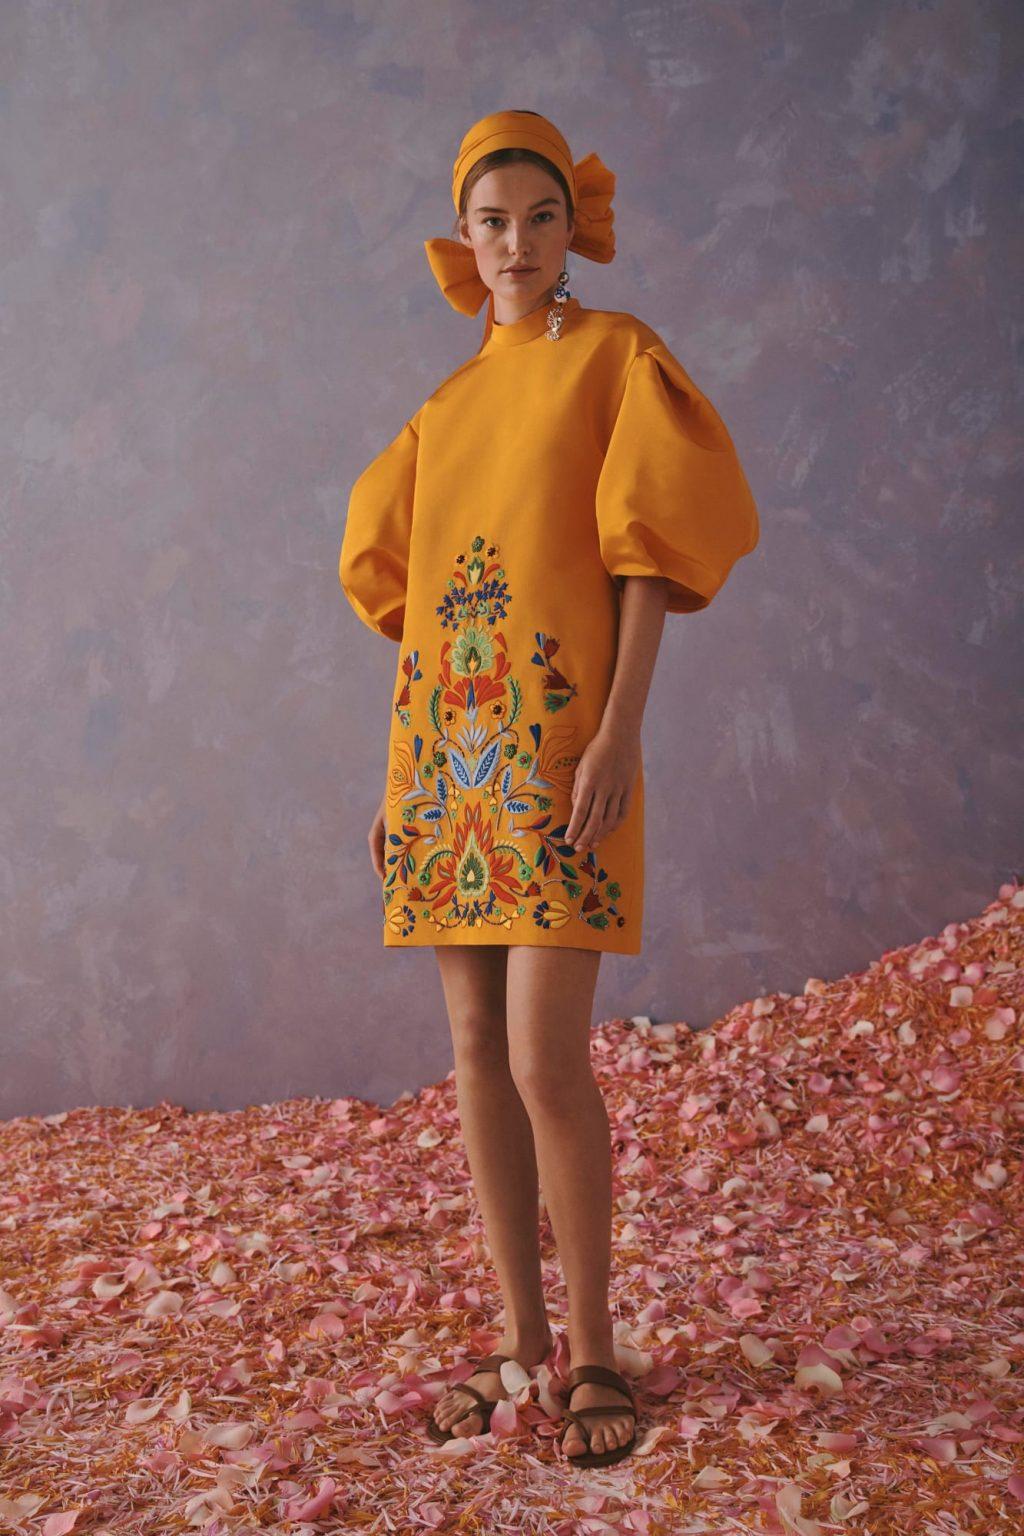 váy màu cam tay phồng thêu hoa trong bst carolina herrera cruise 2020